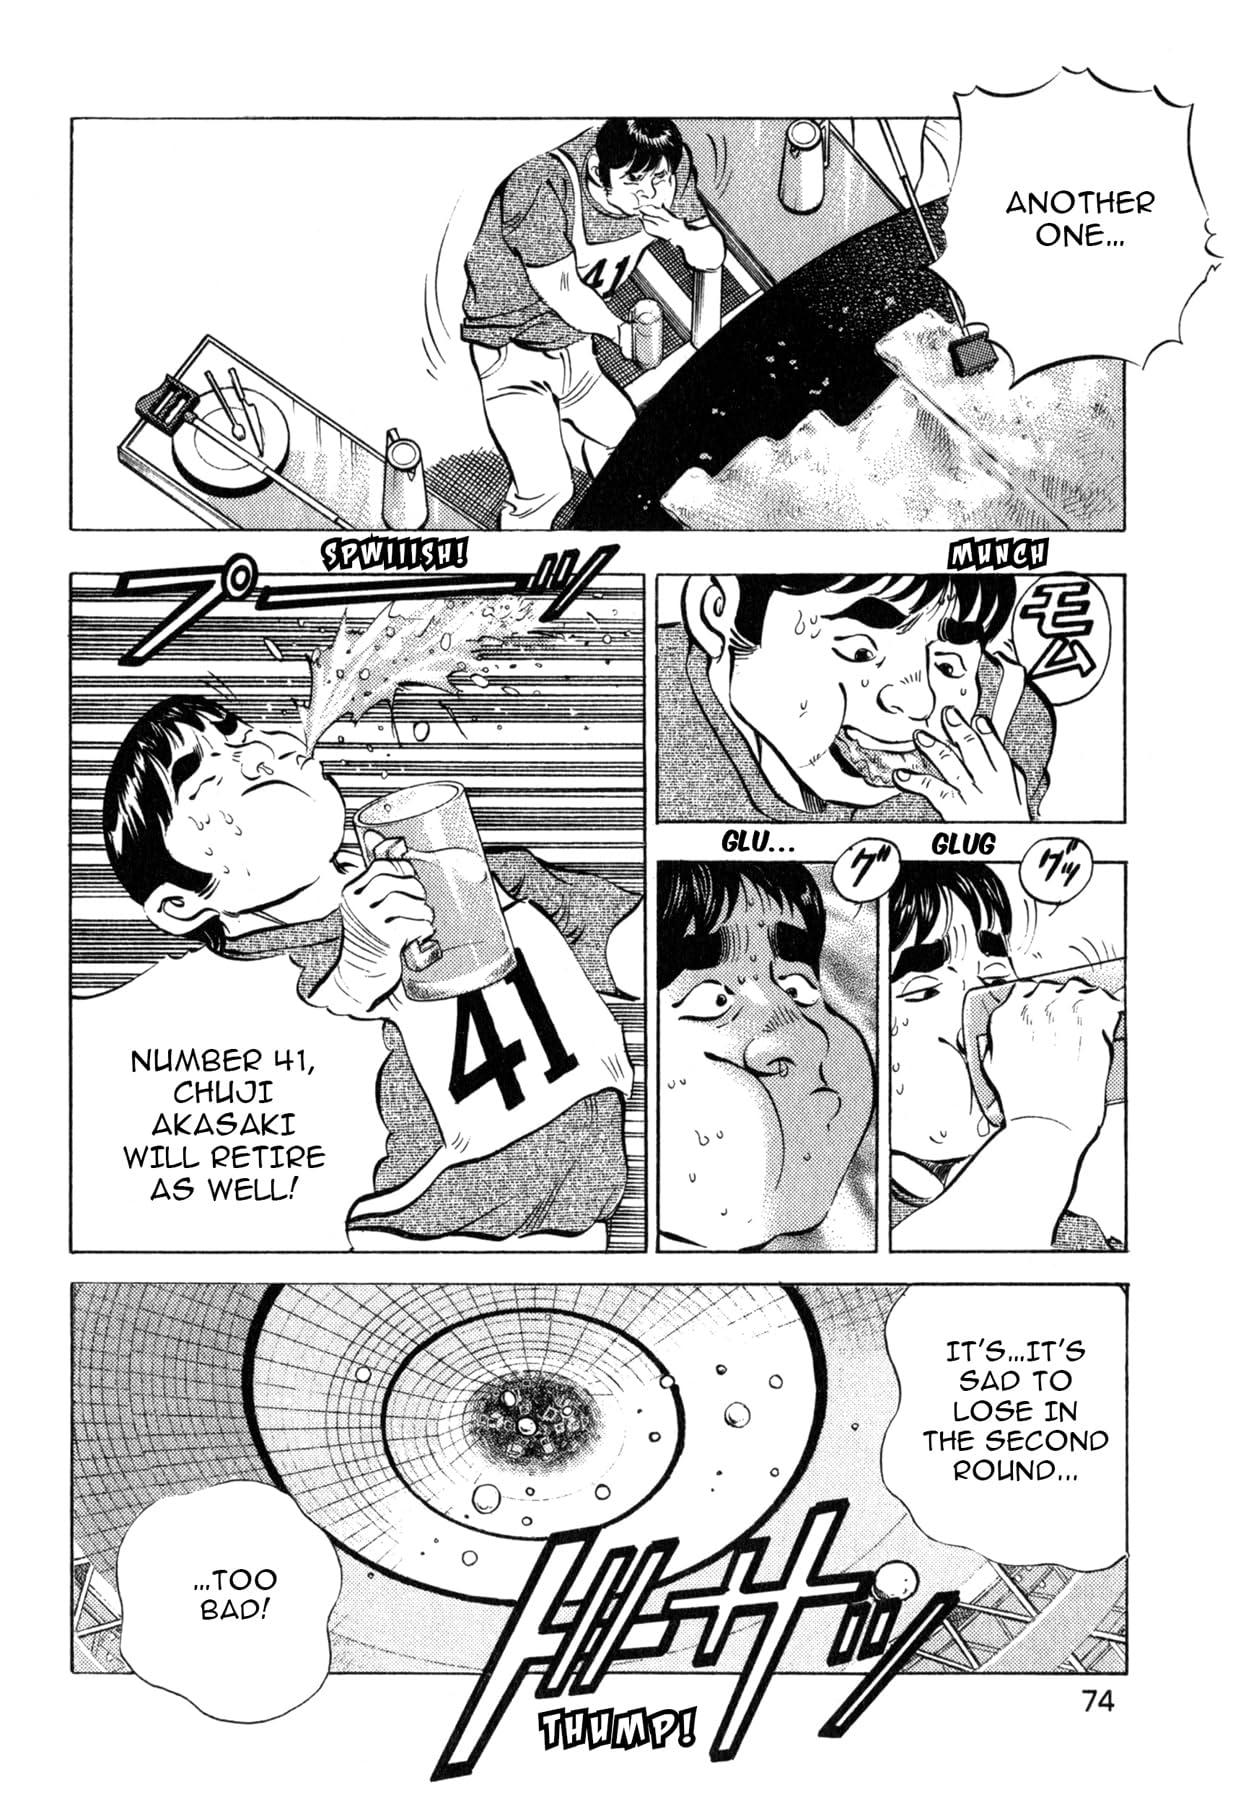 Kuishinbo! #95